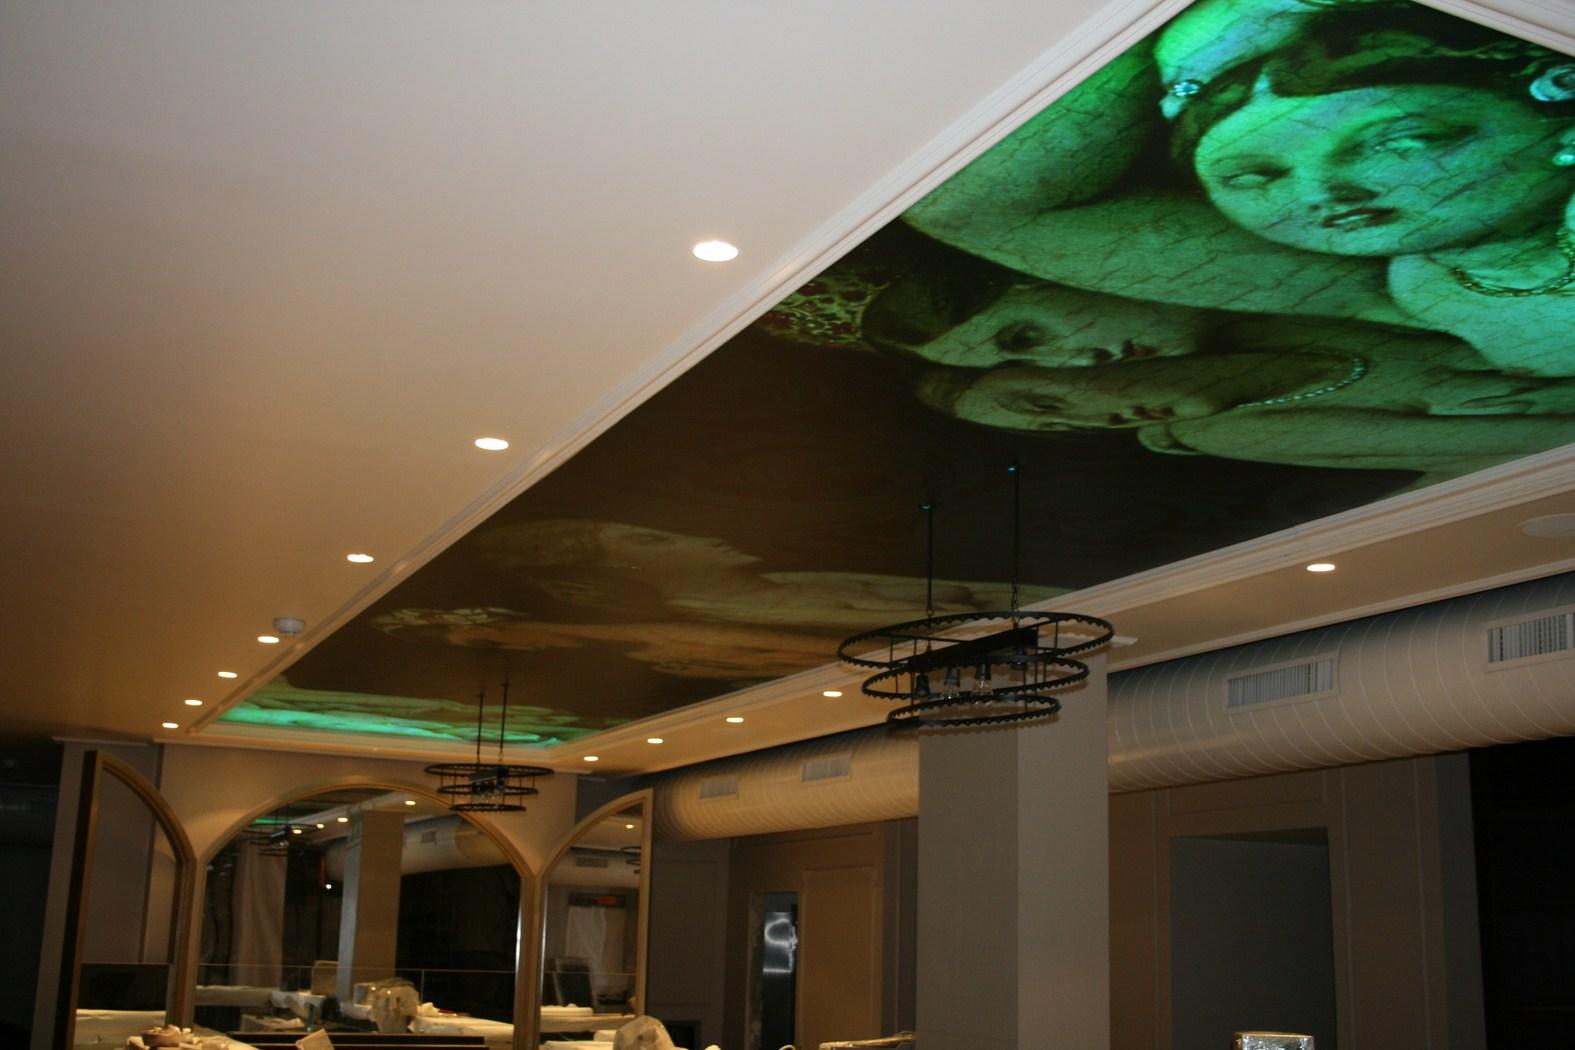 המשך פרויקט מסעדת קינג גורג ברחוב הארבעה תל אביב